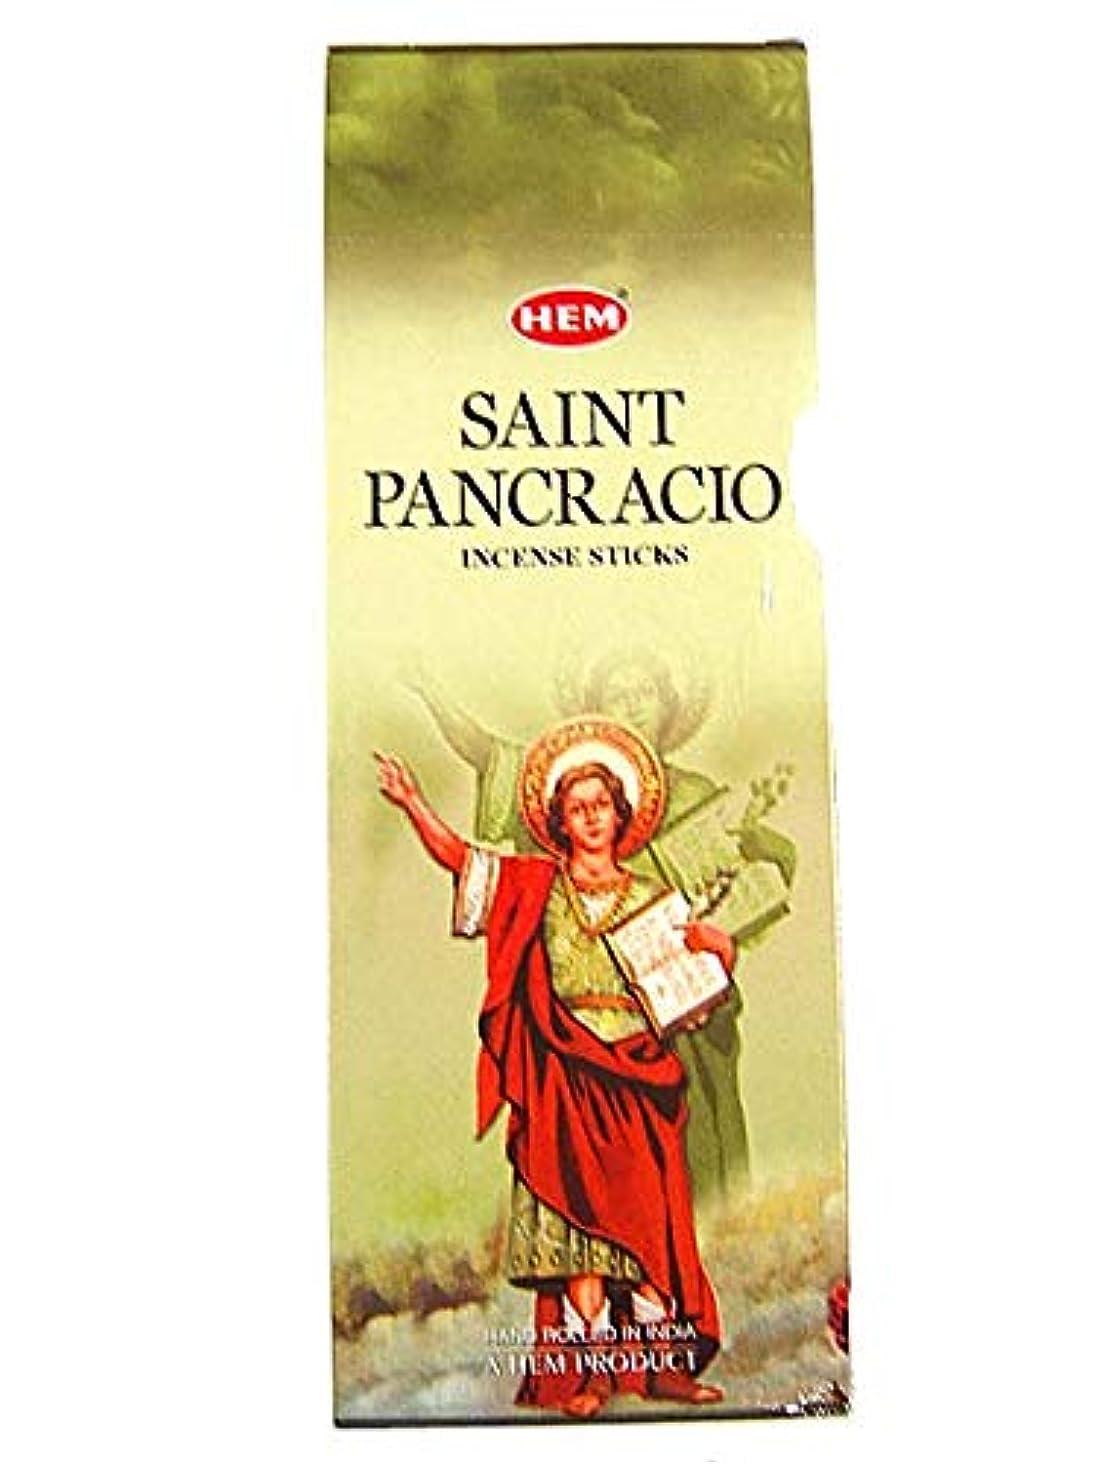 ストライド悪行ドナウ川Hemお香San Pancracio Bulk 6 x 20スティック= 120 Sticks Wicca